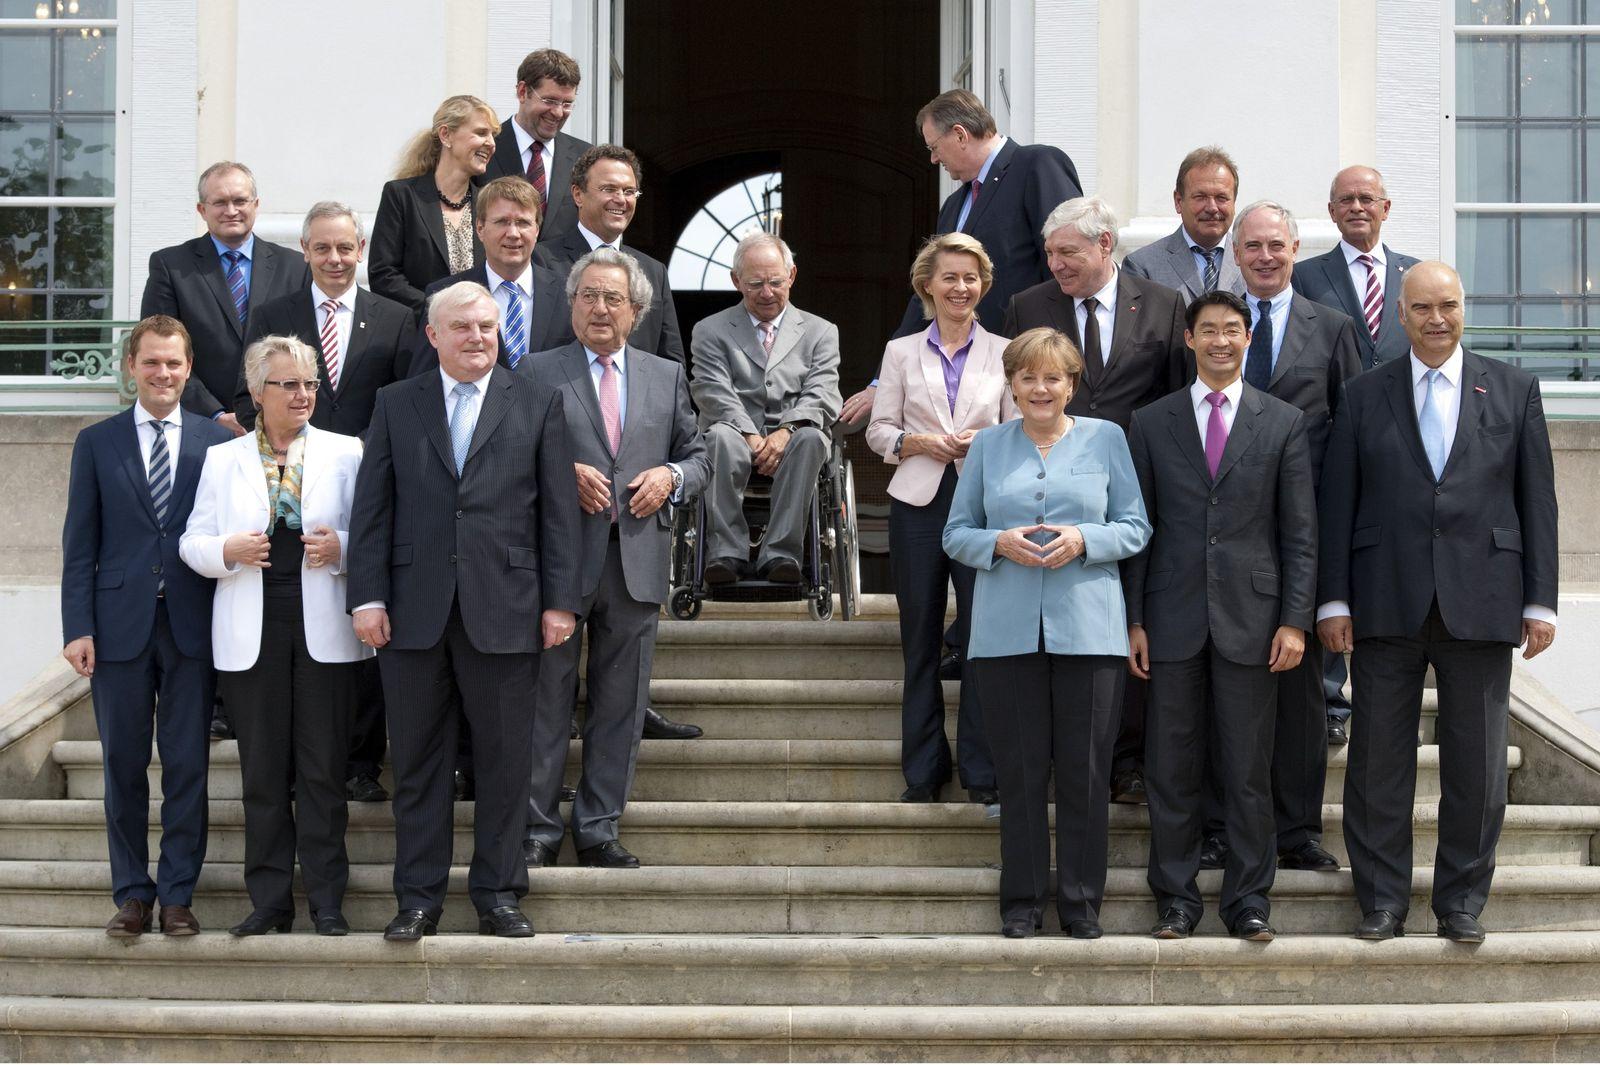 Spitzentreffen mit Sozialpartnern auf Schloss Meseberg